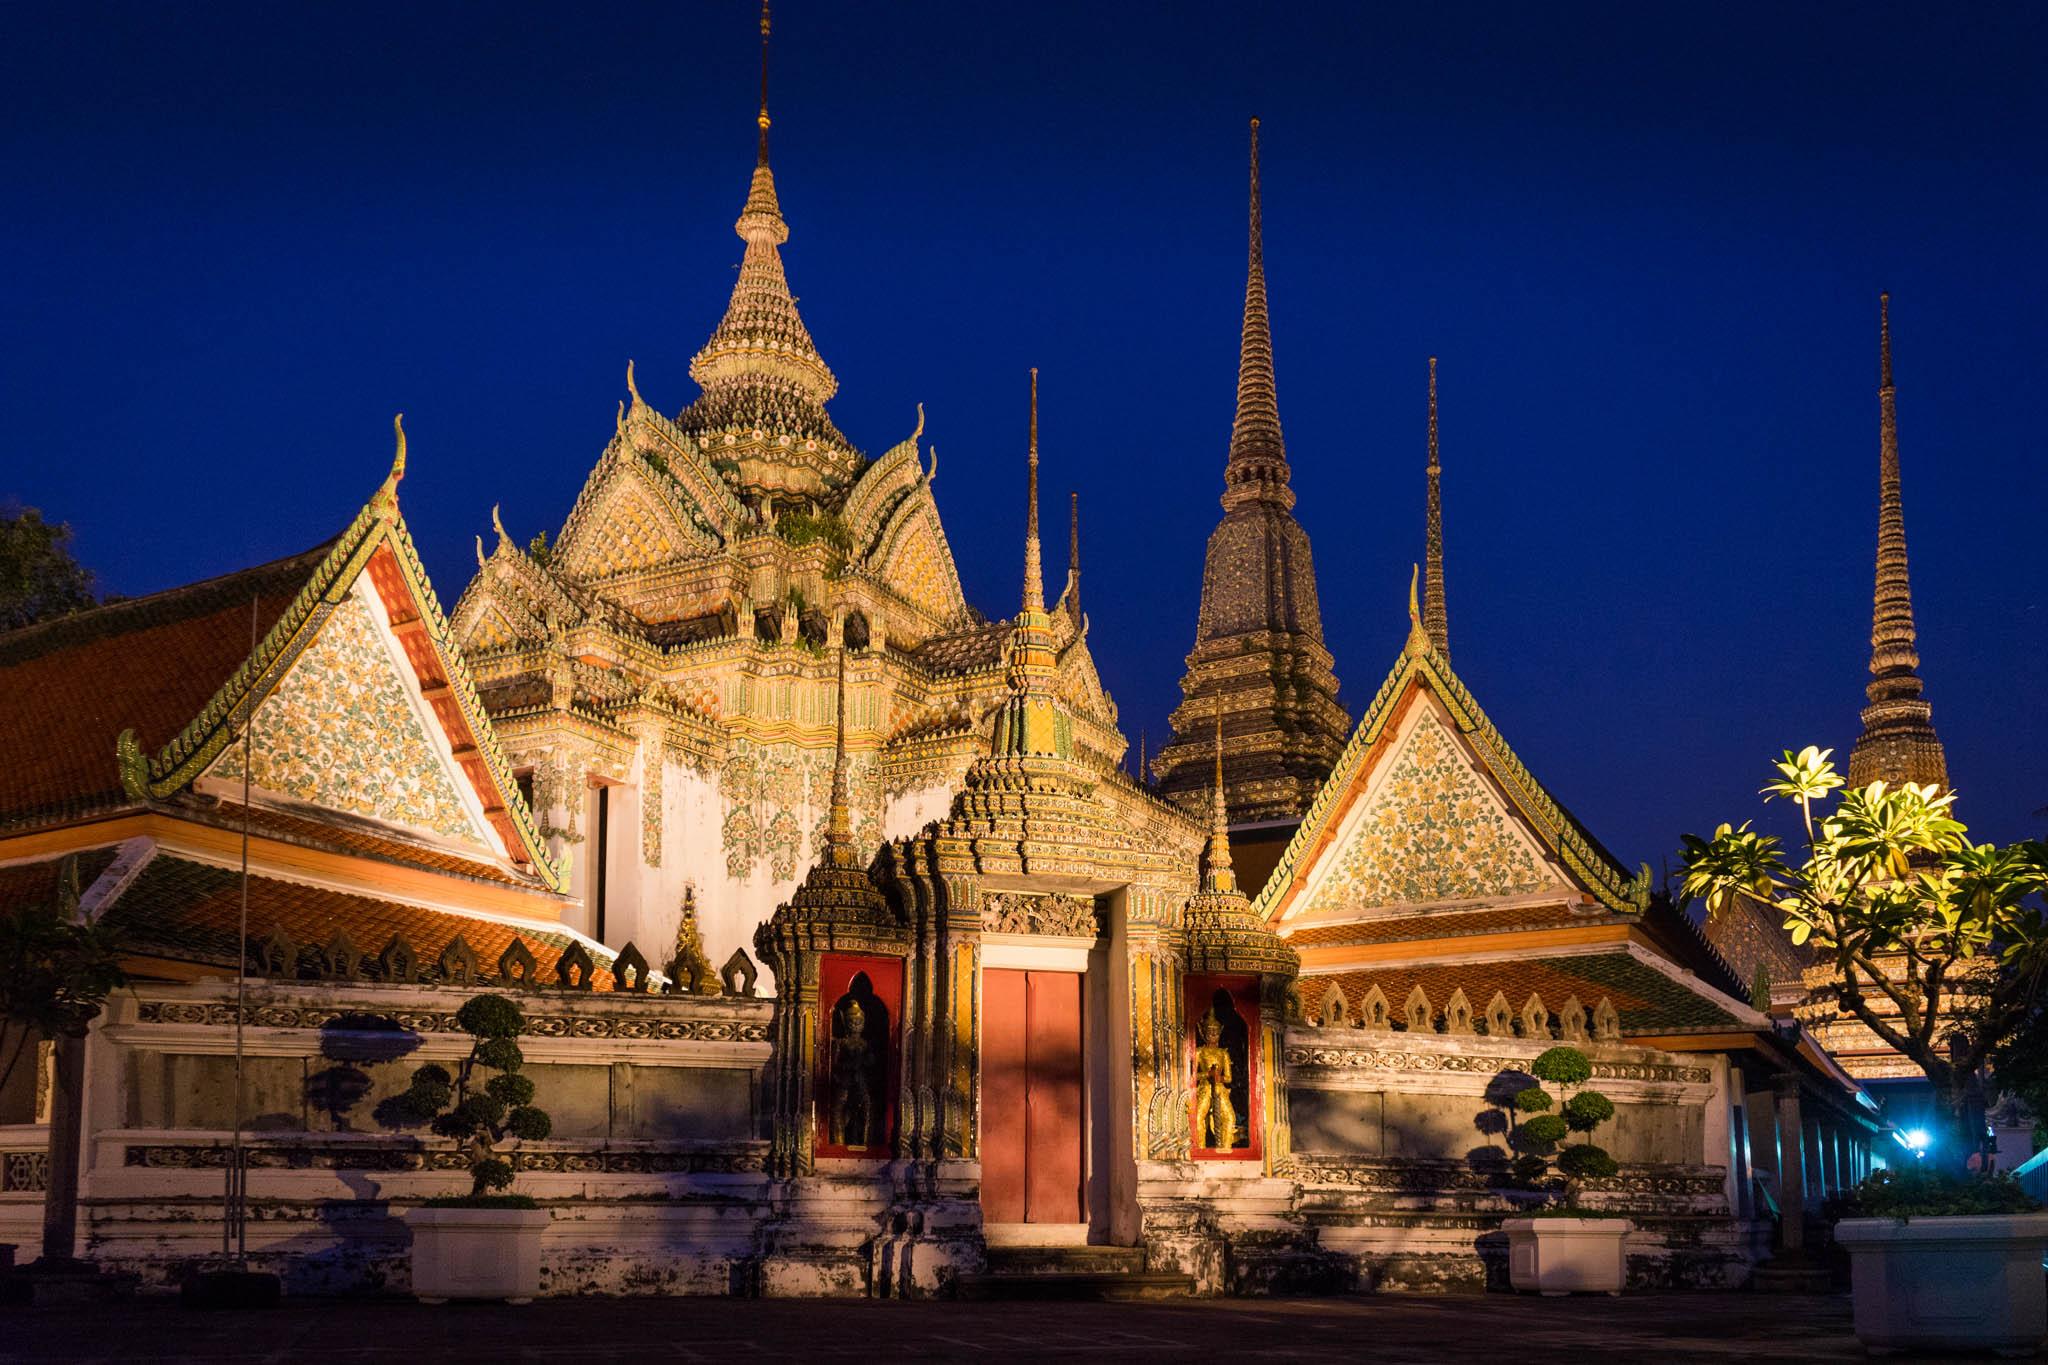 Wat Pho de nuit by night